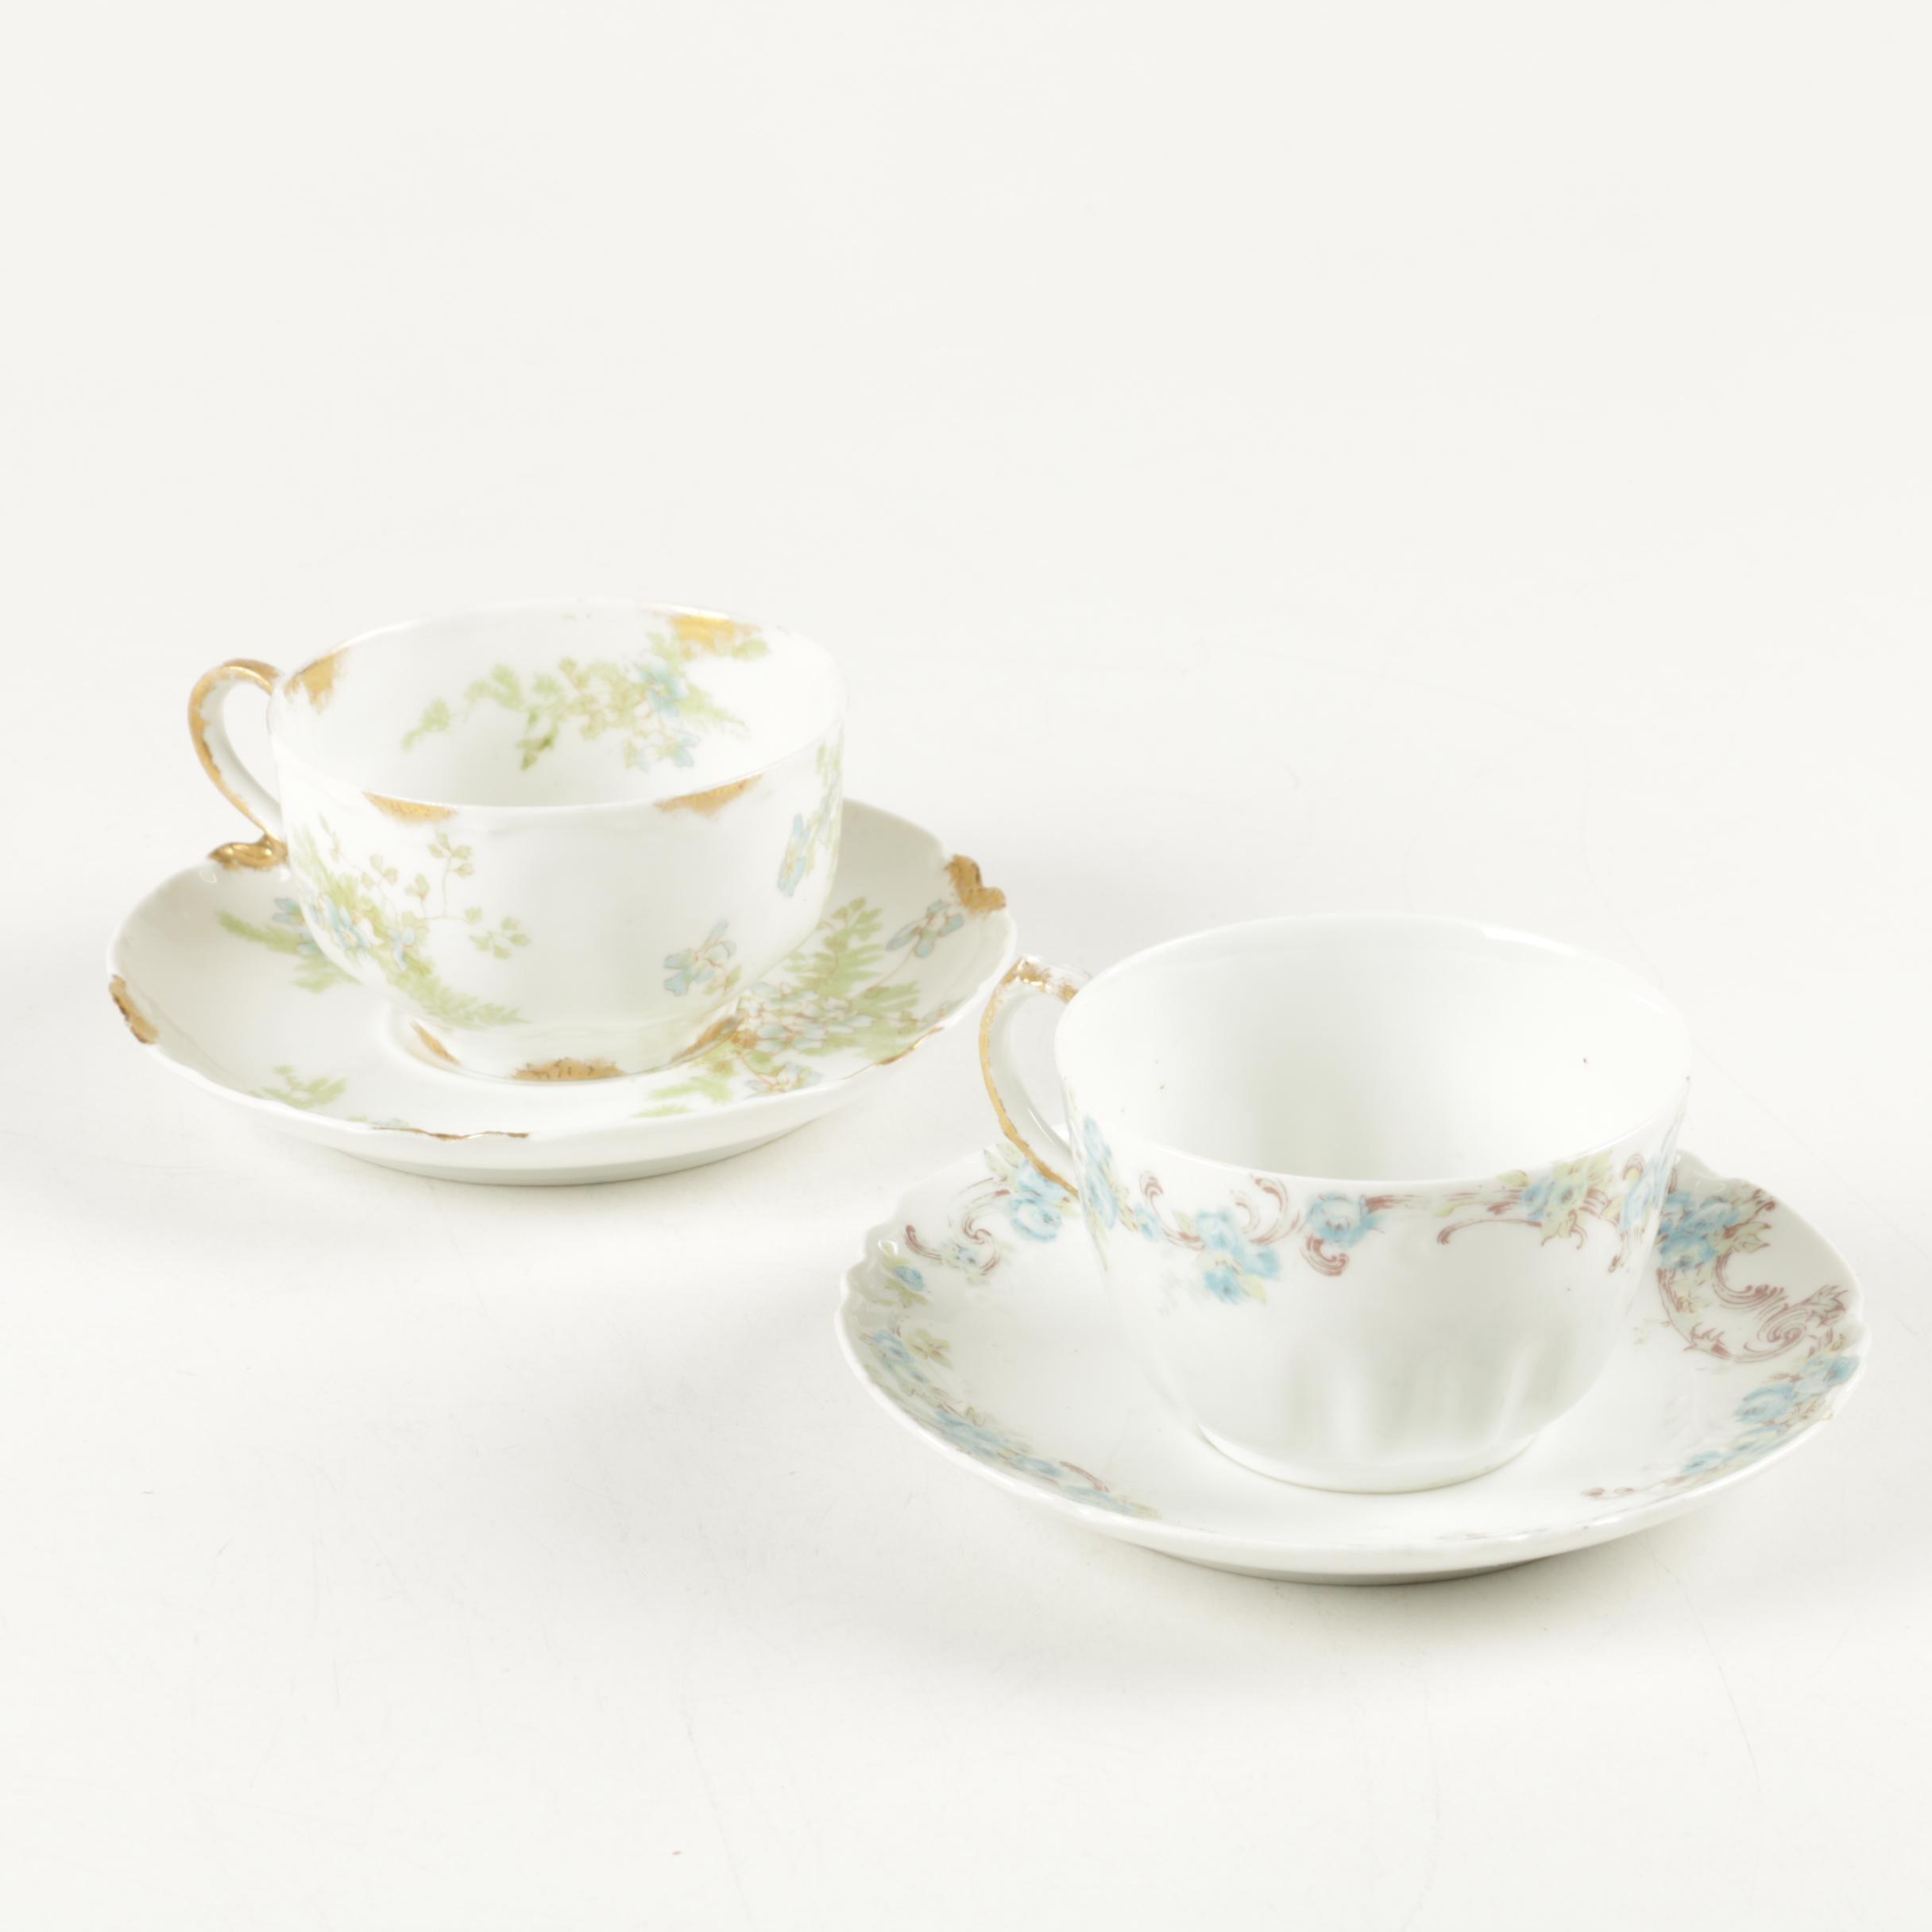 Haviland Limoges Porcelain Teacups and Saucers